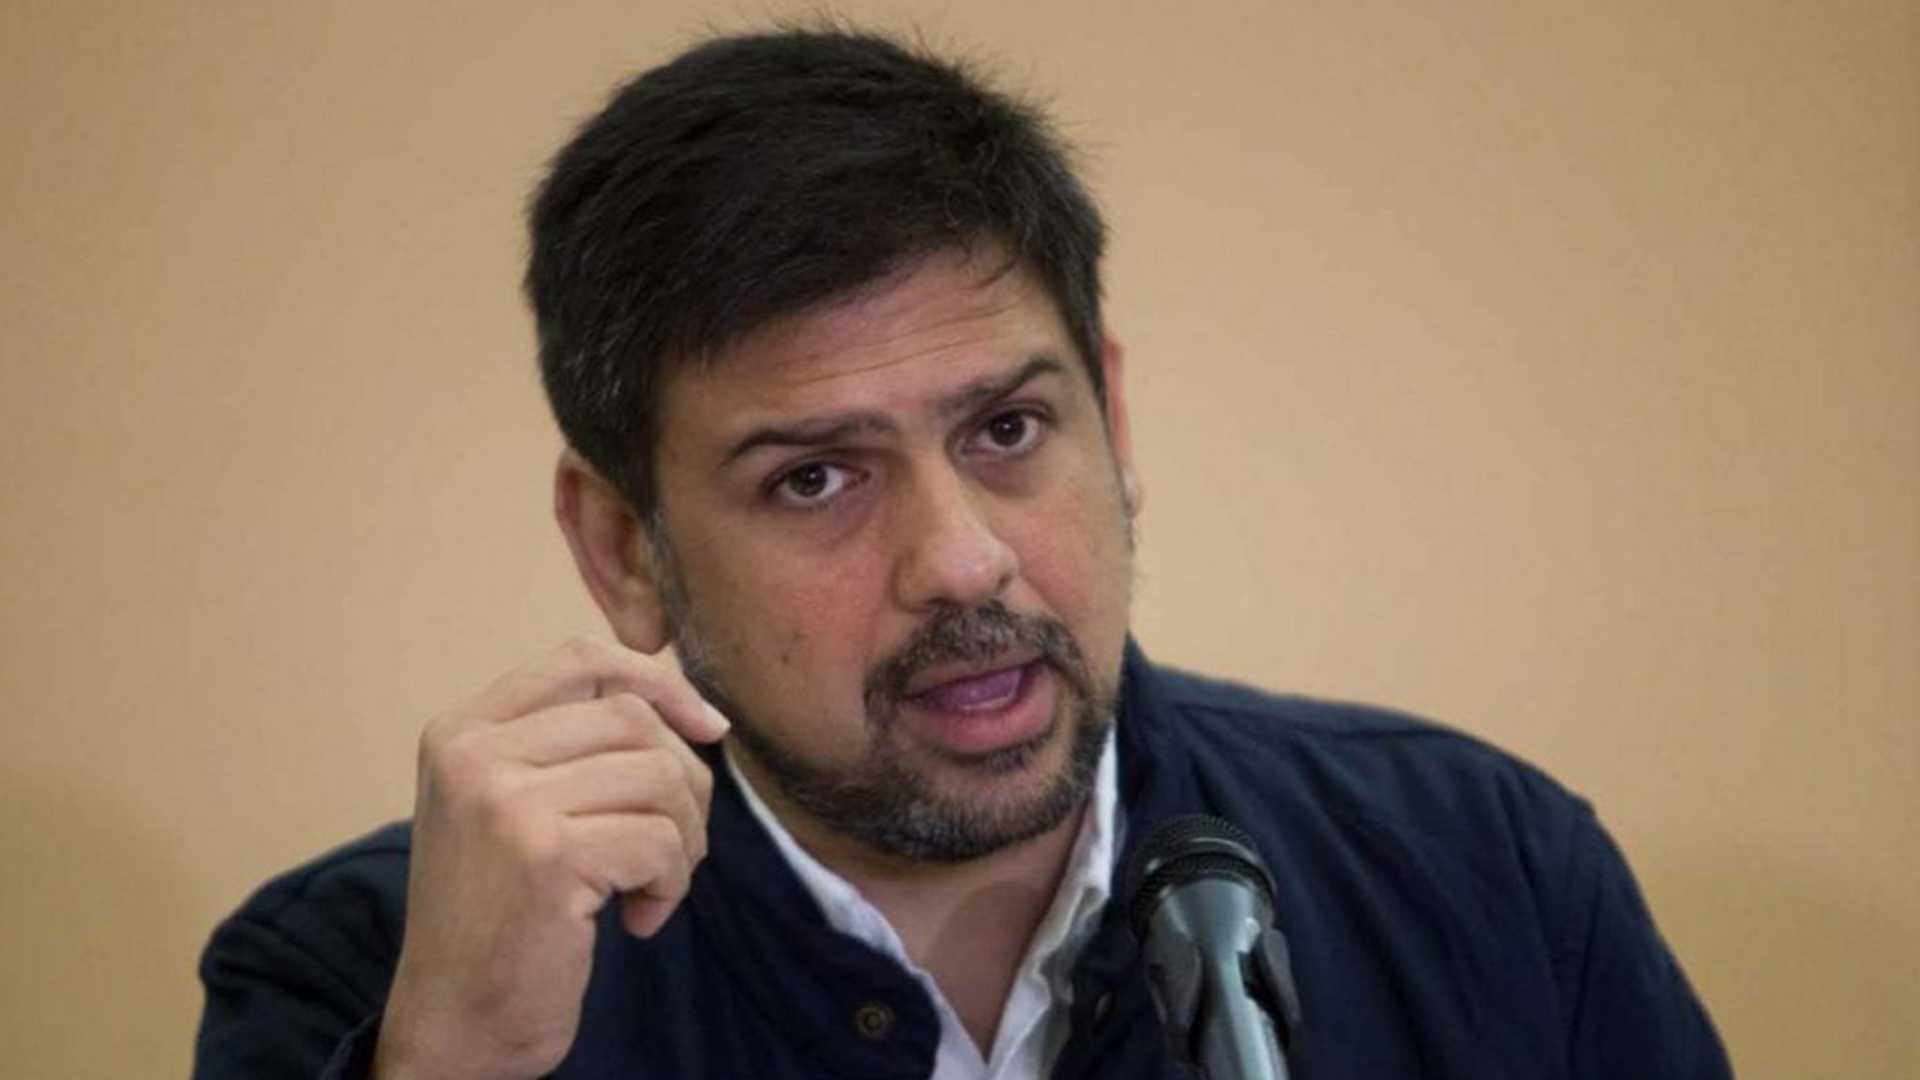 Exalcalde Carlos Ocariz confirmó que dio positivo al Covid-19